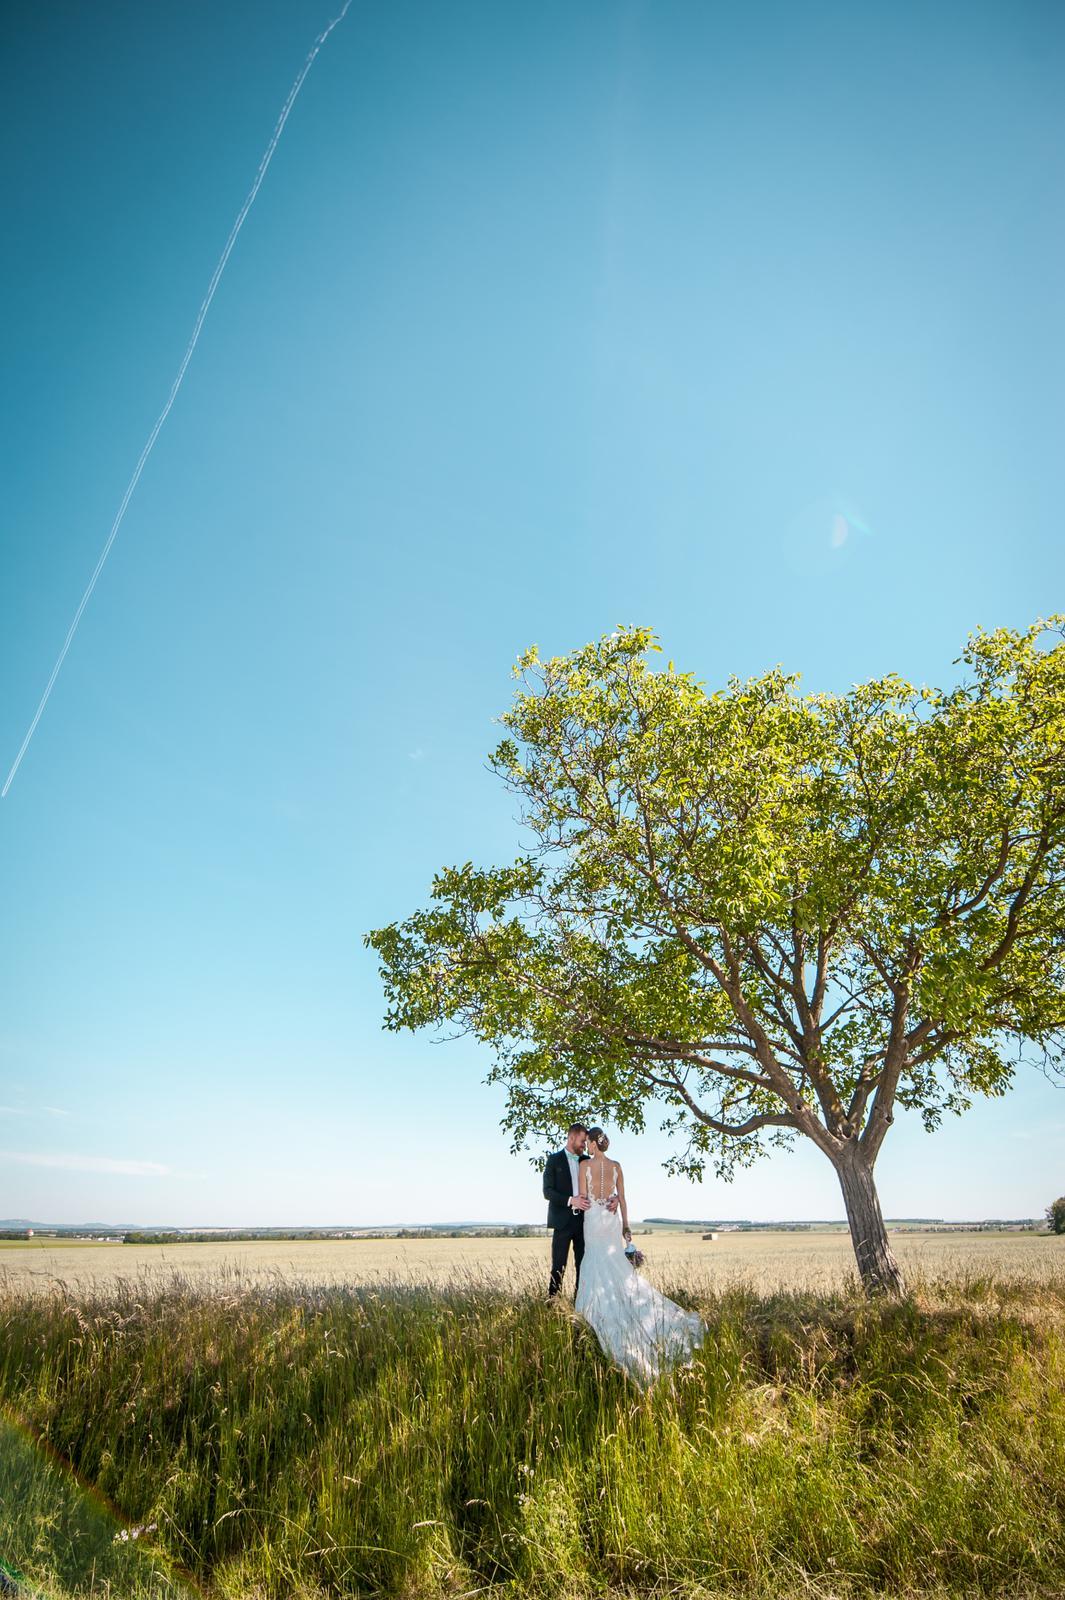 Wedding ♥ - Obrázek č. 70